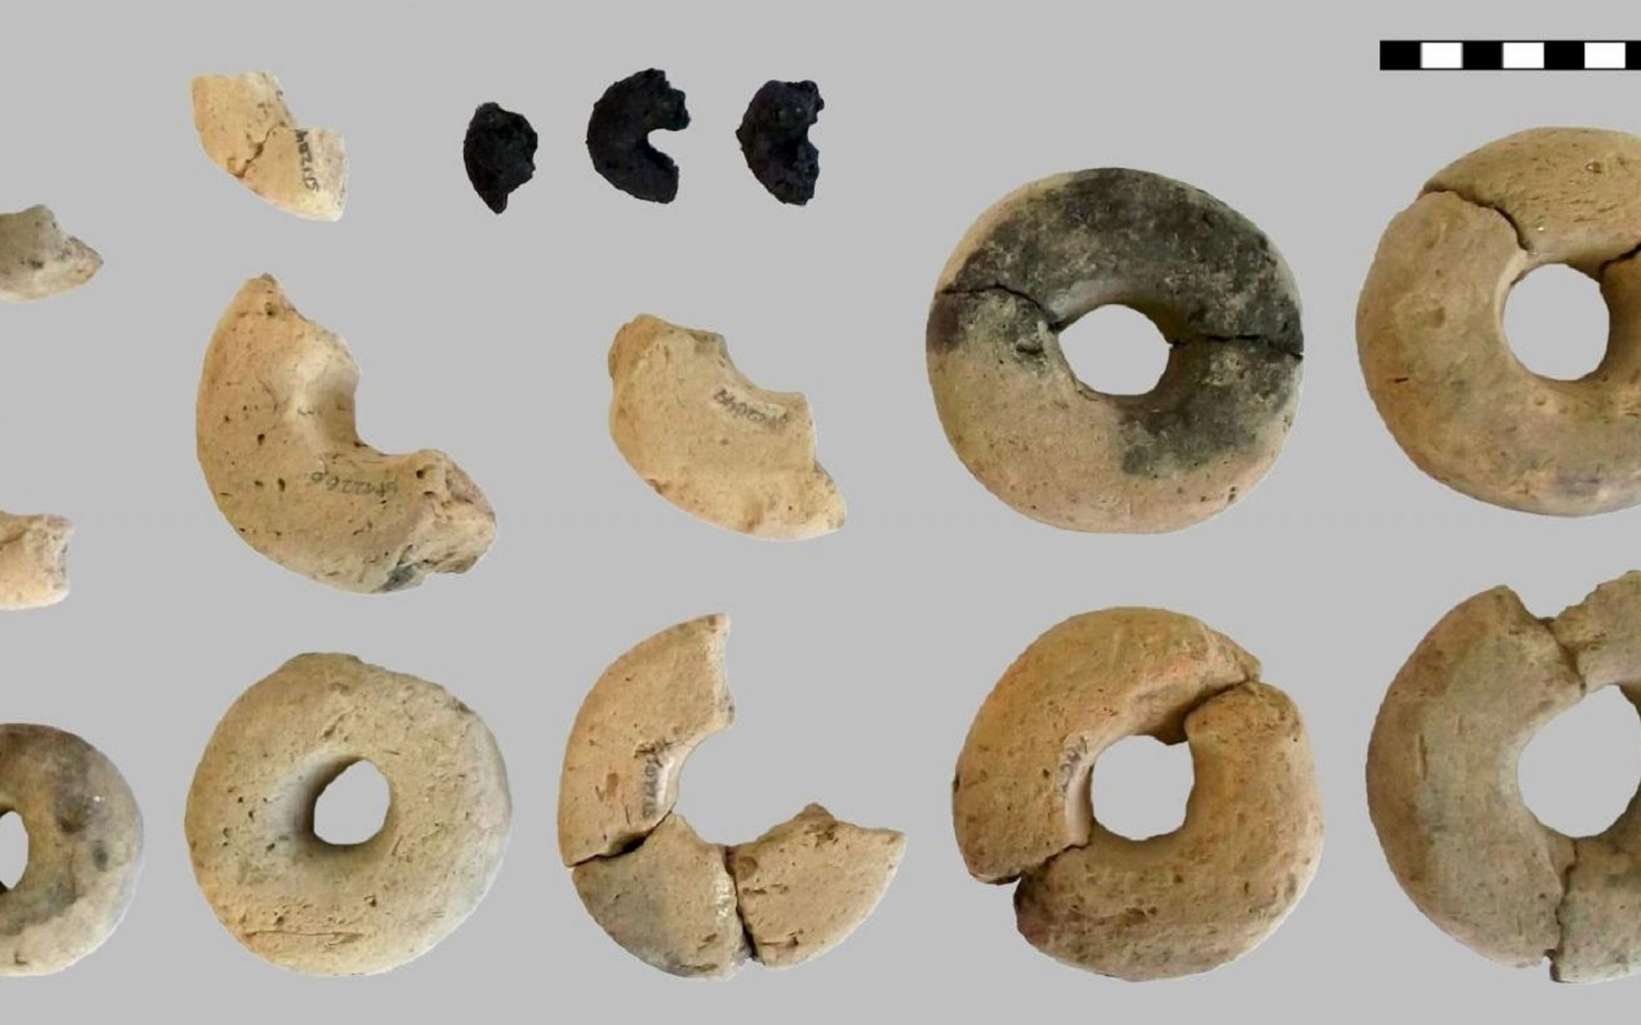 Les anneaux trouvés sur le site archéologique. © Heiss et al, 2019, Plos One